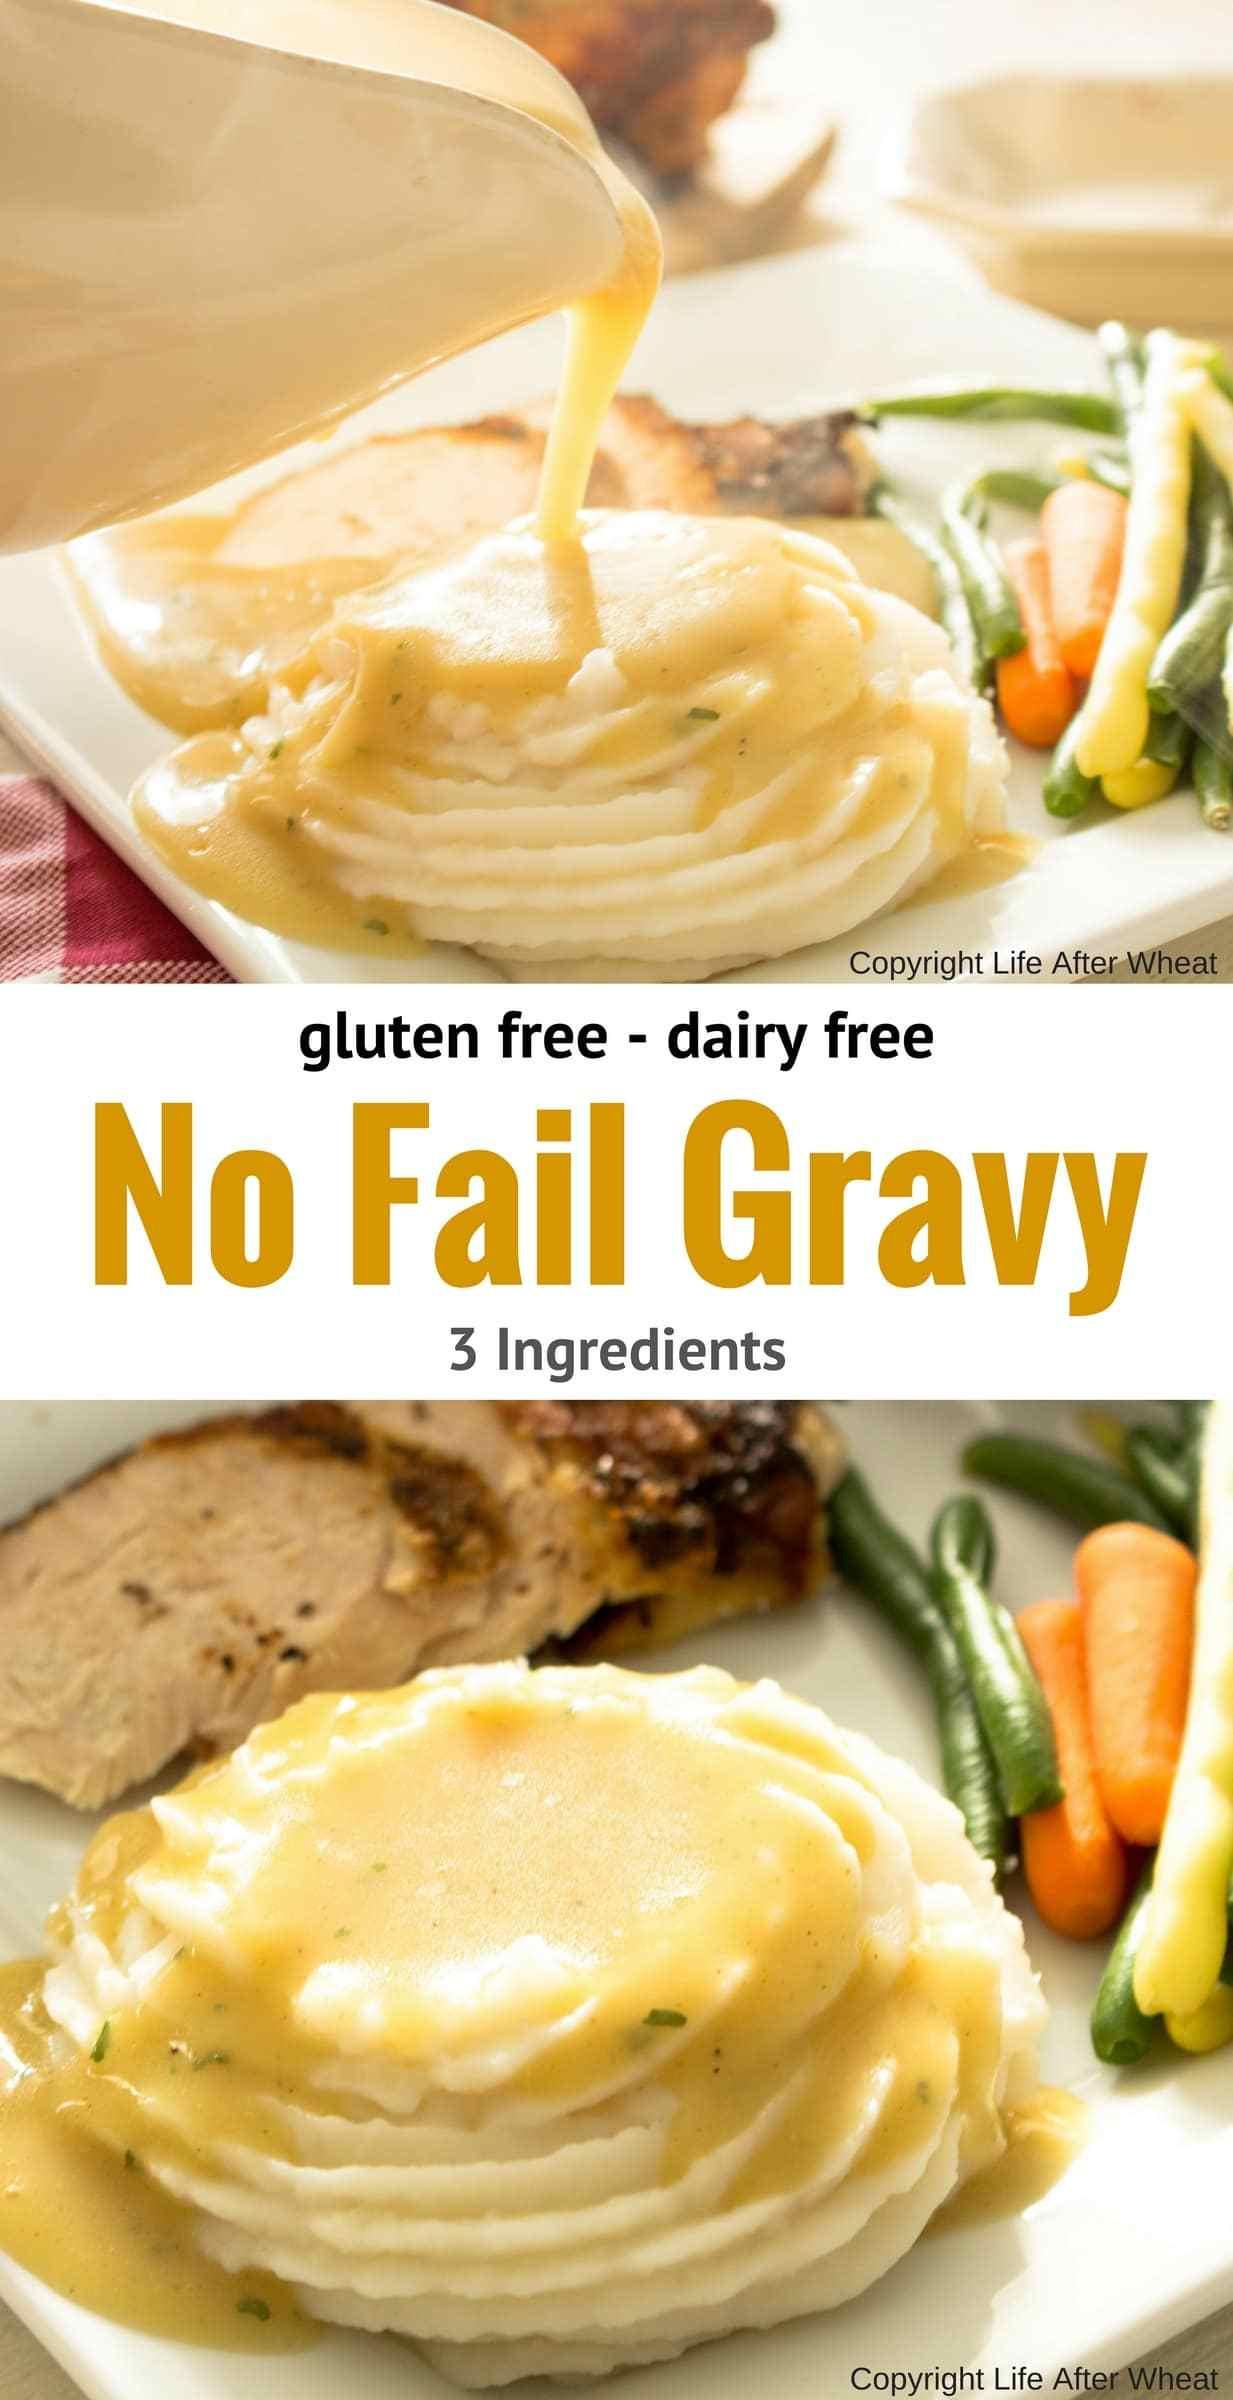 Gluten Free Dairy Free Gravy  Gluten Free Gravy Recipe 3 ingre nts & Dairy Free